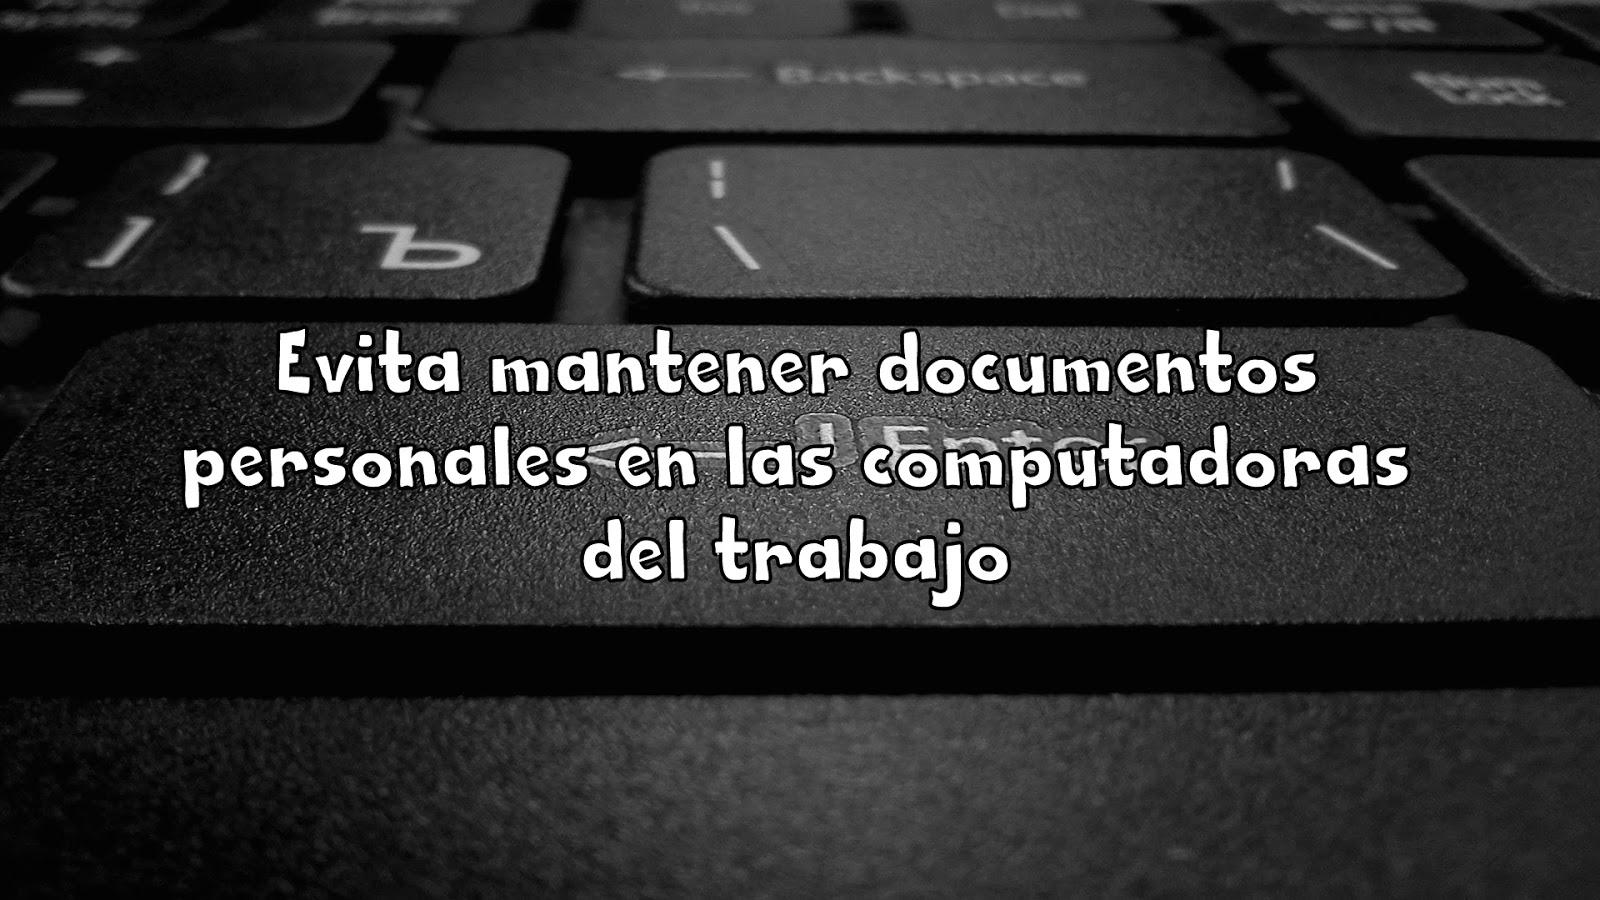 Evita mantener documentos personales en las computadoras del trabajo